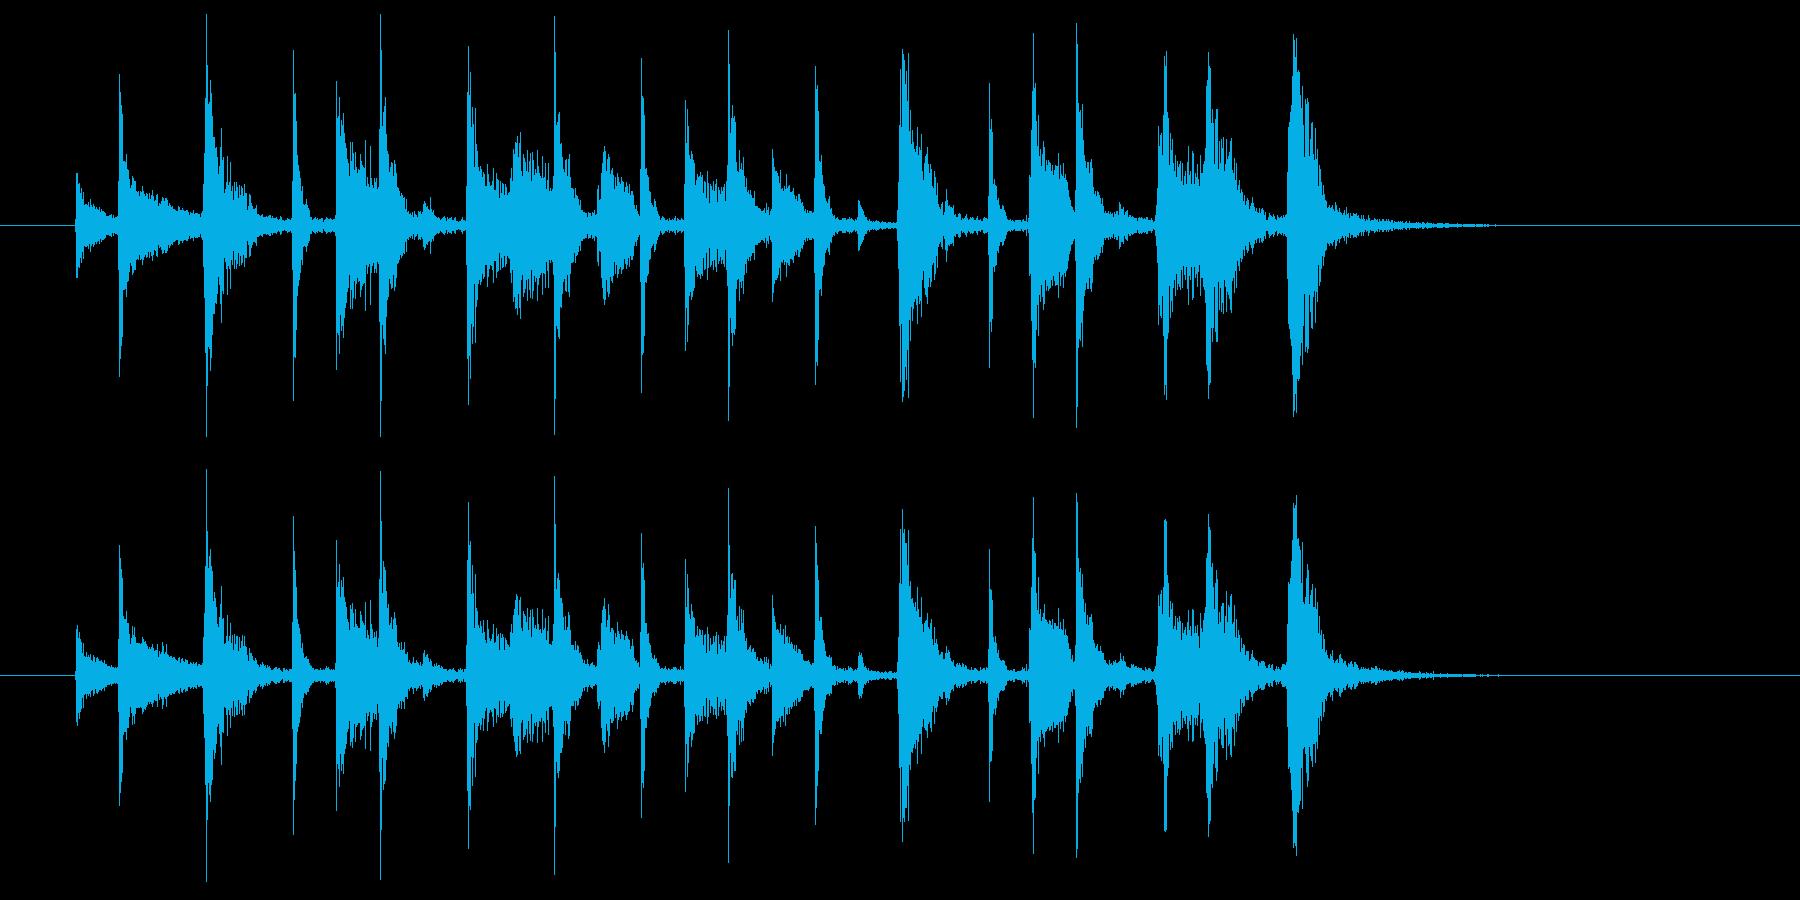 ジャジーなジングル(アイキャッチ等に)の再生済みの波形